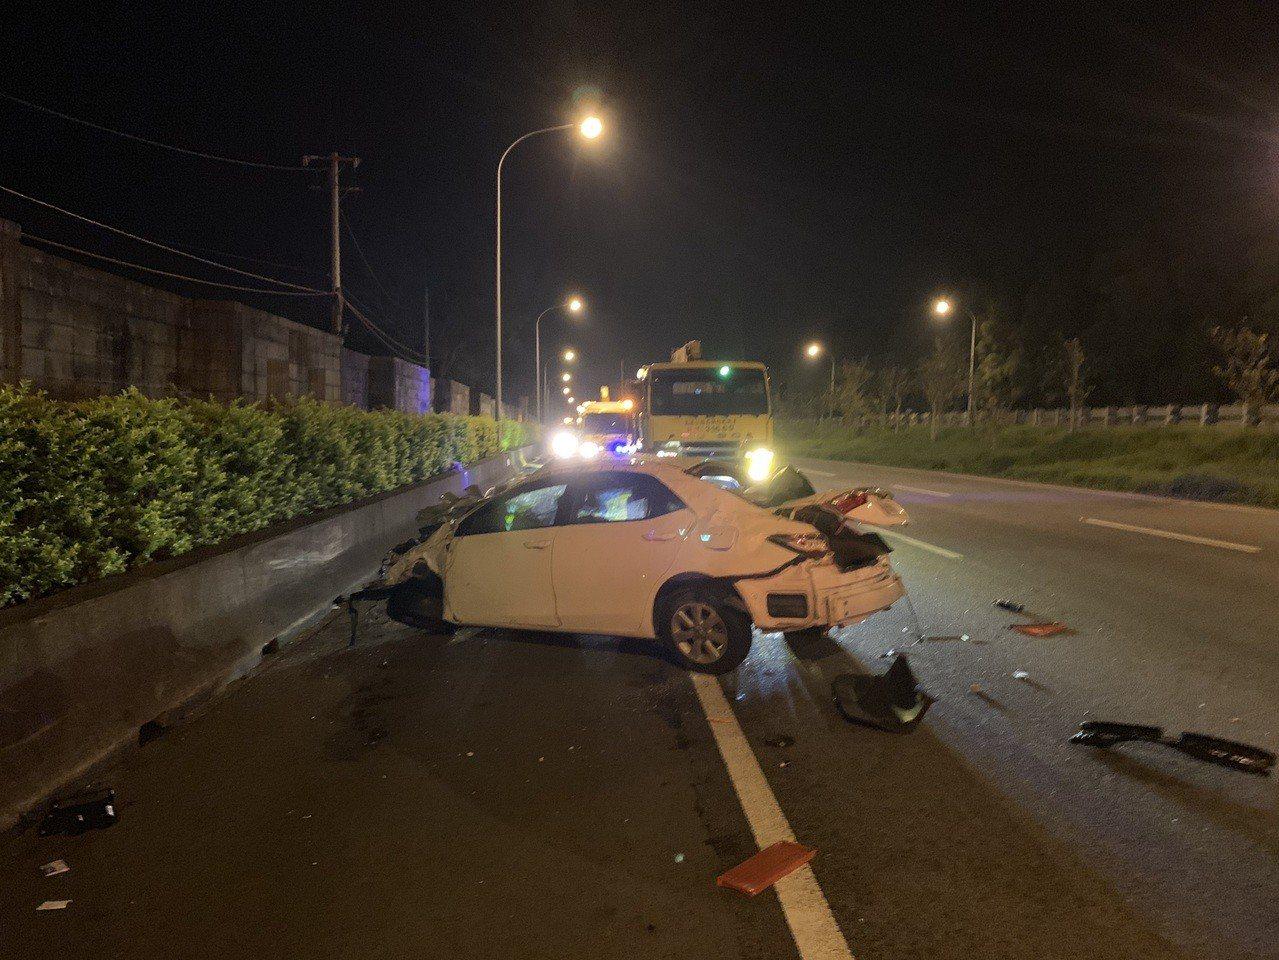 國道1號南下苗栗縣銅鑼路段今晚發生小轎車自撞護欄車禍,車內2人被抛出,1死1送醫...